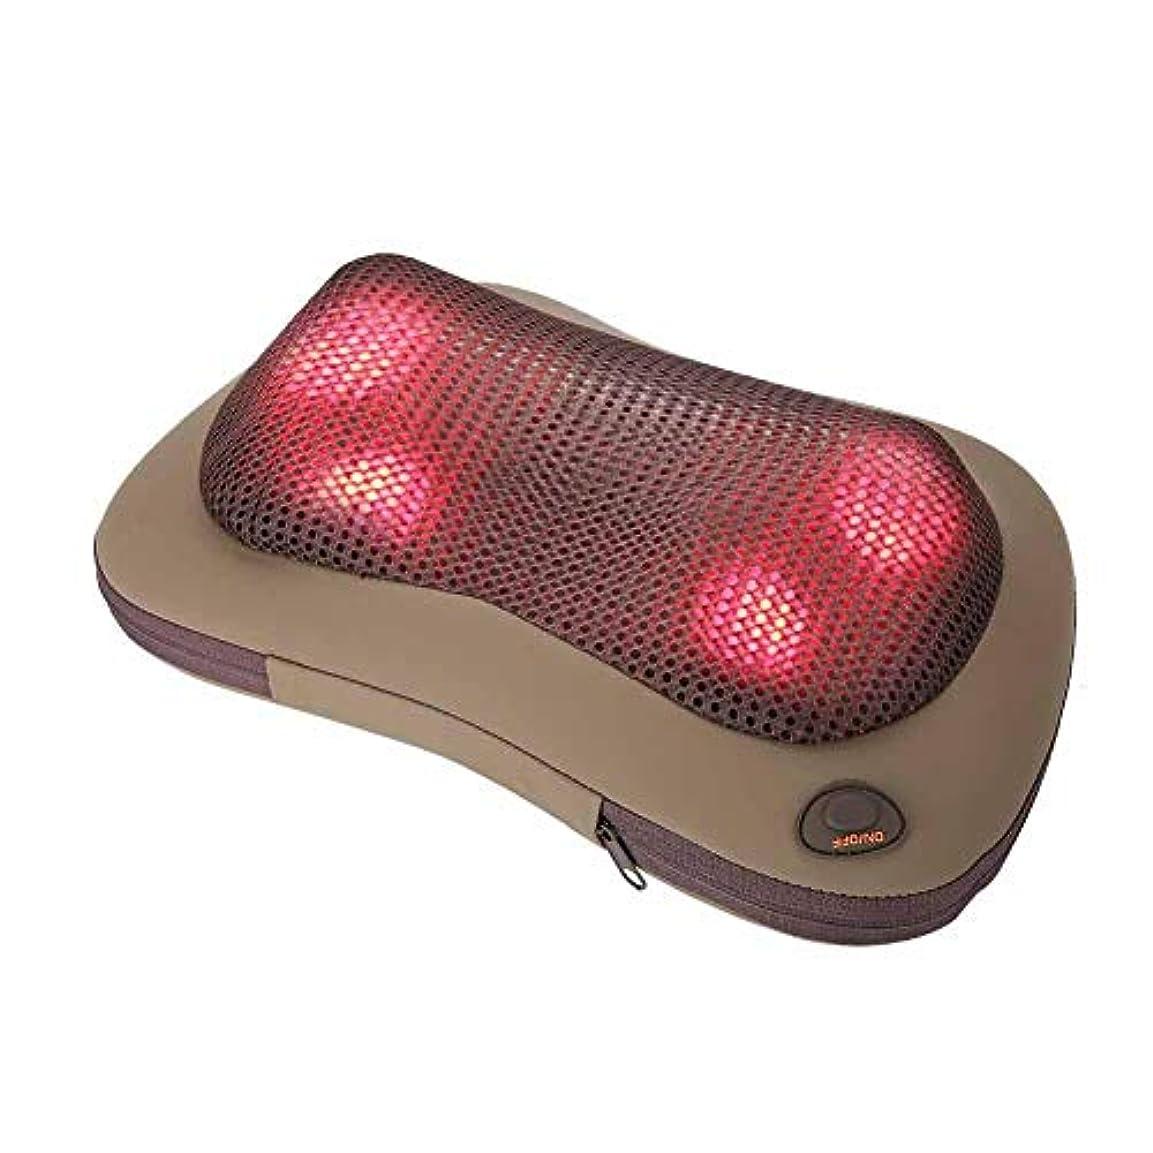 引き付ける些細な投げ捨てる携帯用 電気マッサージ 枕 暖房療法 首 ウエスト 足 腕 マッサージ用具(グレー)